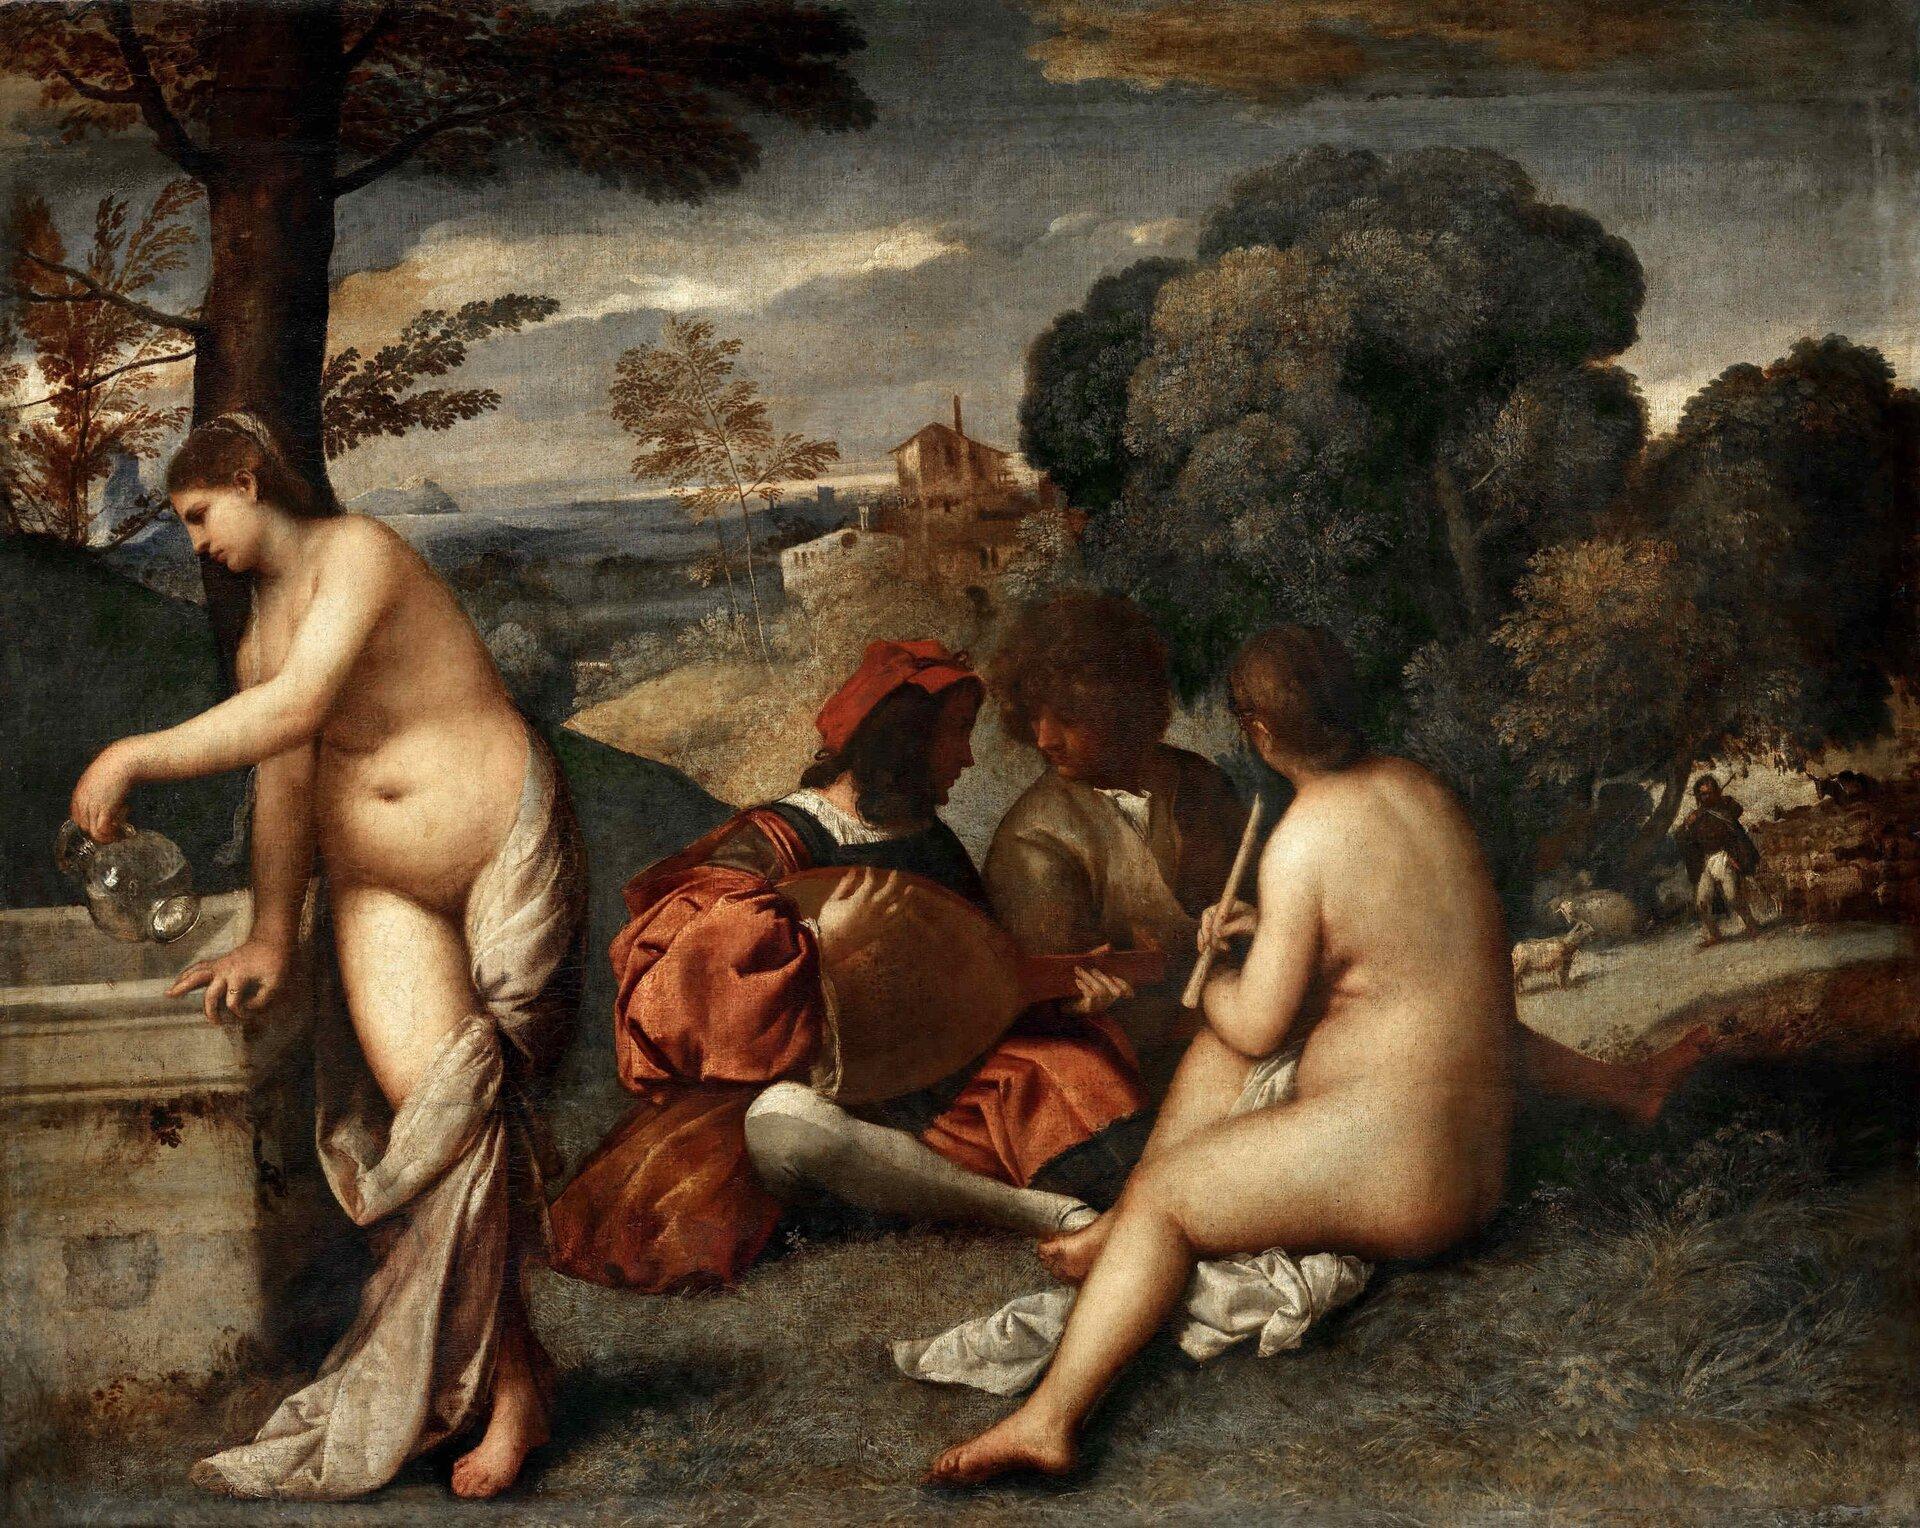 """Ilustracja okształcie poziomego prostokąta przedstawia obraz Giorgione """"Koncert wiejski"""". Dzieło ukazuje grupę ludzi na tle krajobrazu. Na polanie siedzą dwaj pastuszkowie inimfa. Kobieta trzyma wręku flet. Mężczyźni rozmawiają lub śpiewają, nie zwracając na nią uwagi. Jeden znich trzyma mandolinę. Druga nimfa stoi przy studni, jedną ręką podpiera się onią iprzelewa wodę zdzbana. Nogi ma częściowo okryte białym suknem. Po prawej stronie obrazu widoczny jest mężczyzna pasący owce. Tło wypełnia krajobraz zpagórkami porośniętymi drzewami. Woddali na wzgórzu stoi dom. Górną część wypełnia ciemne, zachmurzone niebo."""